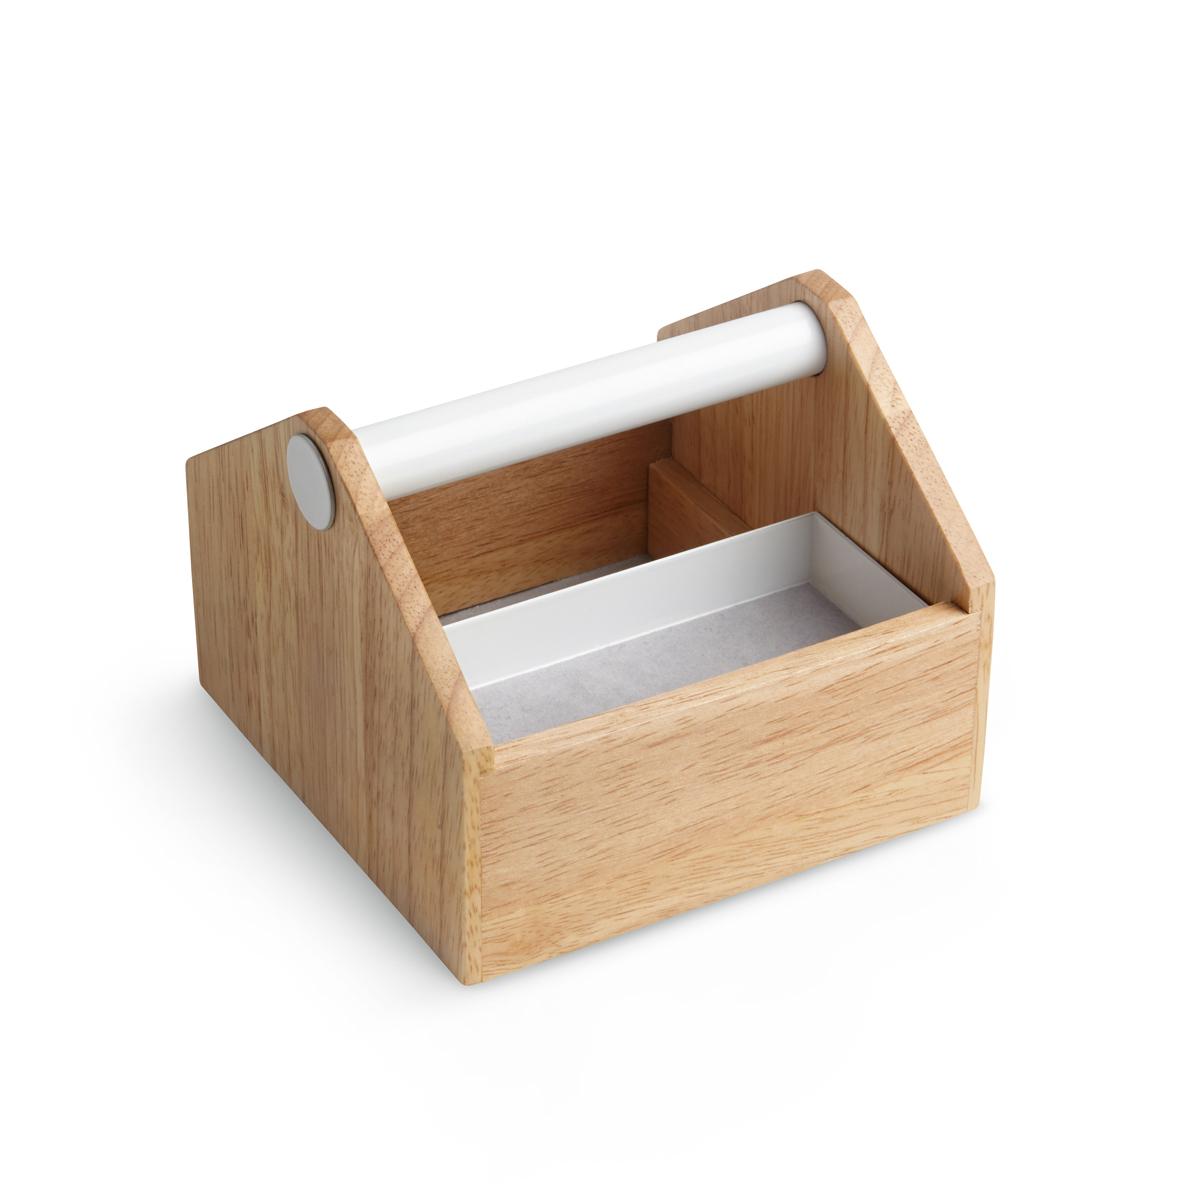 Шкатулка для украшений Umbra Toto, малаяKT400(4)Шкатулка для украшений Umbra Toto выполнена из дерева и металла. Эргономичная ручка для переноски, выдвигающиеся ящички и отделения разного размера - удобно для хранения косметики, украшений и даже офисных принадлежностей.Размеры: 12,7 x 12.7 x 10.2 см